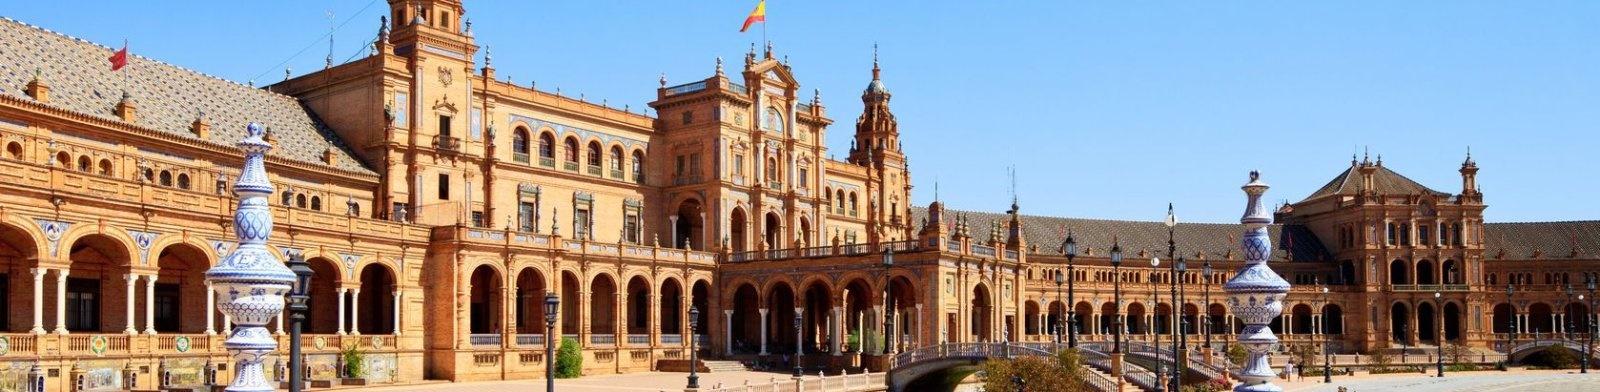 Seville, Landmark